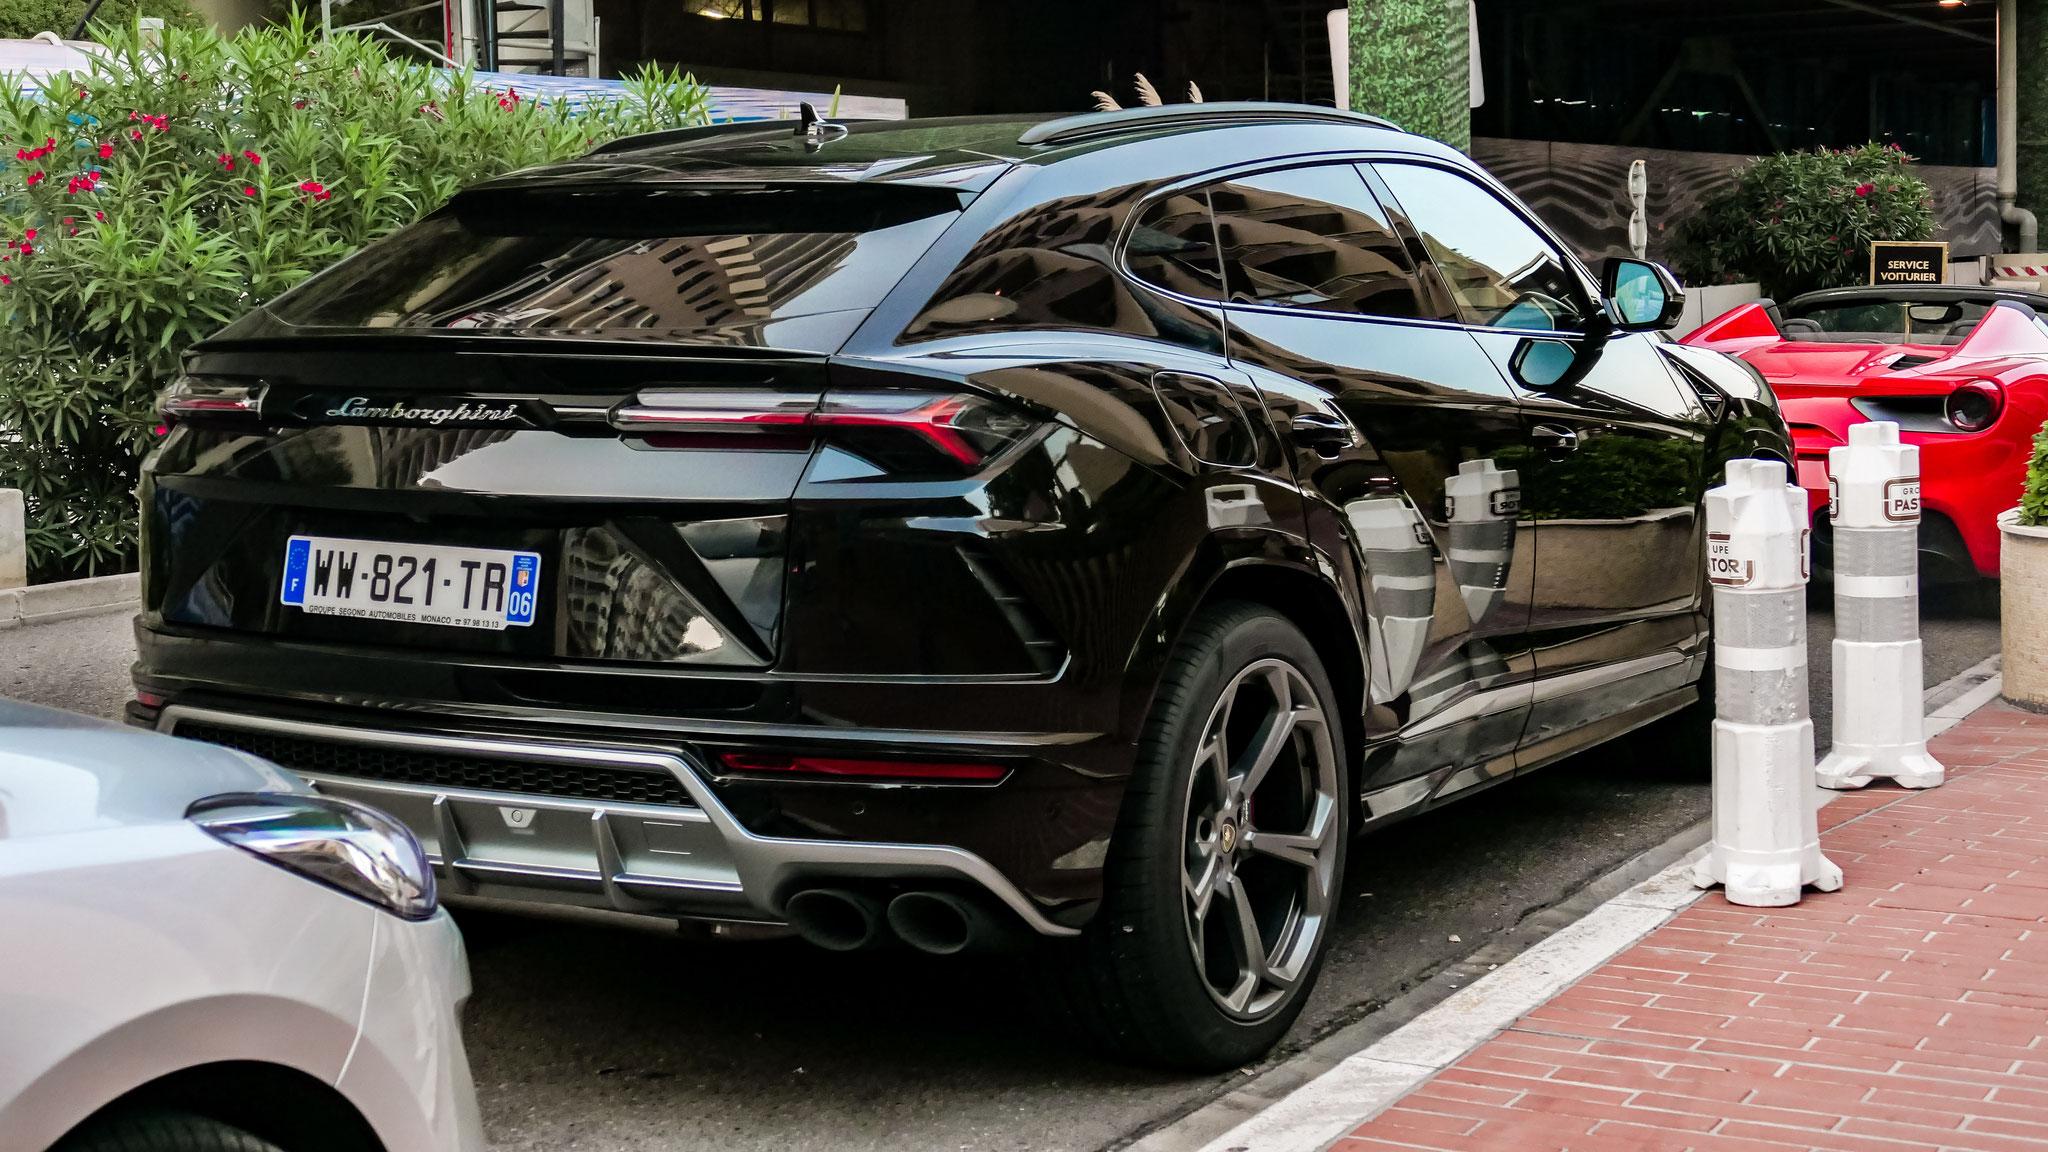 Lamborghini Urus - WW-821-TR-06 (FRA)